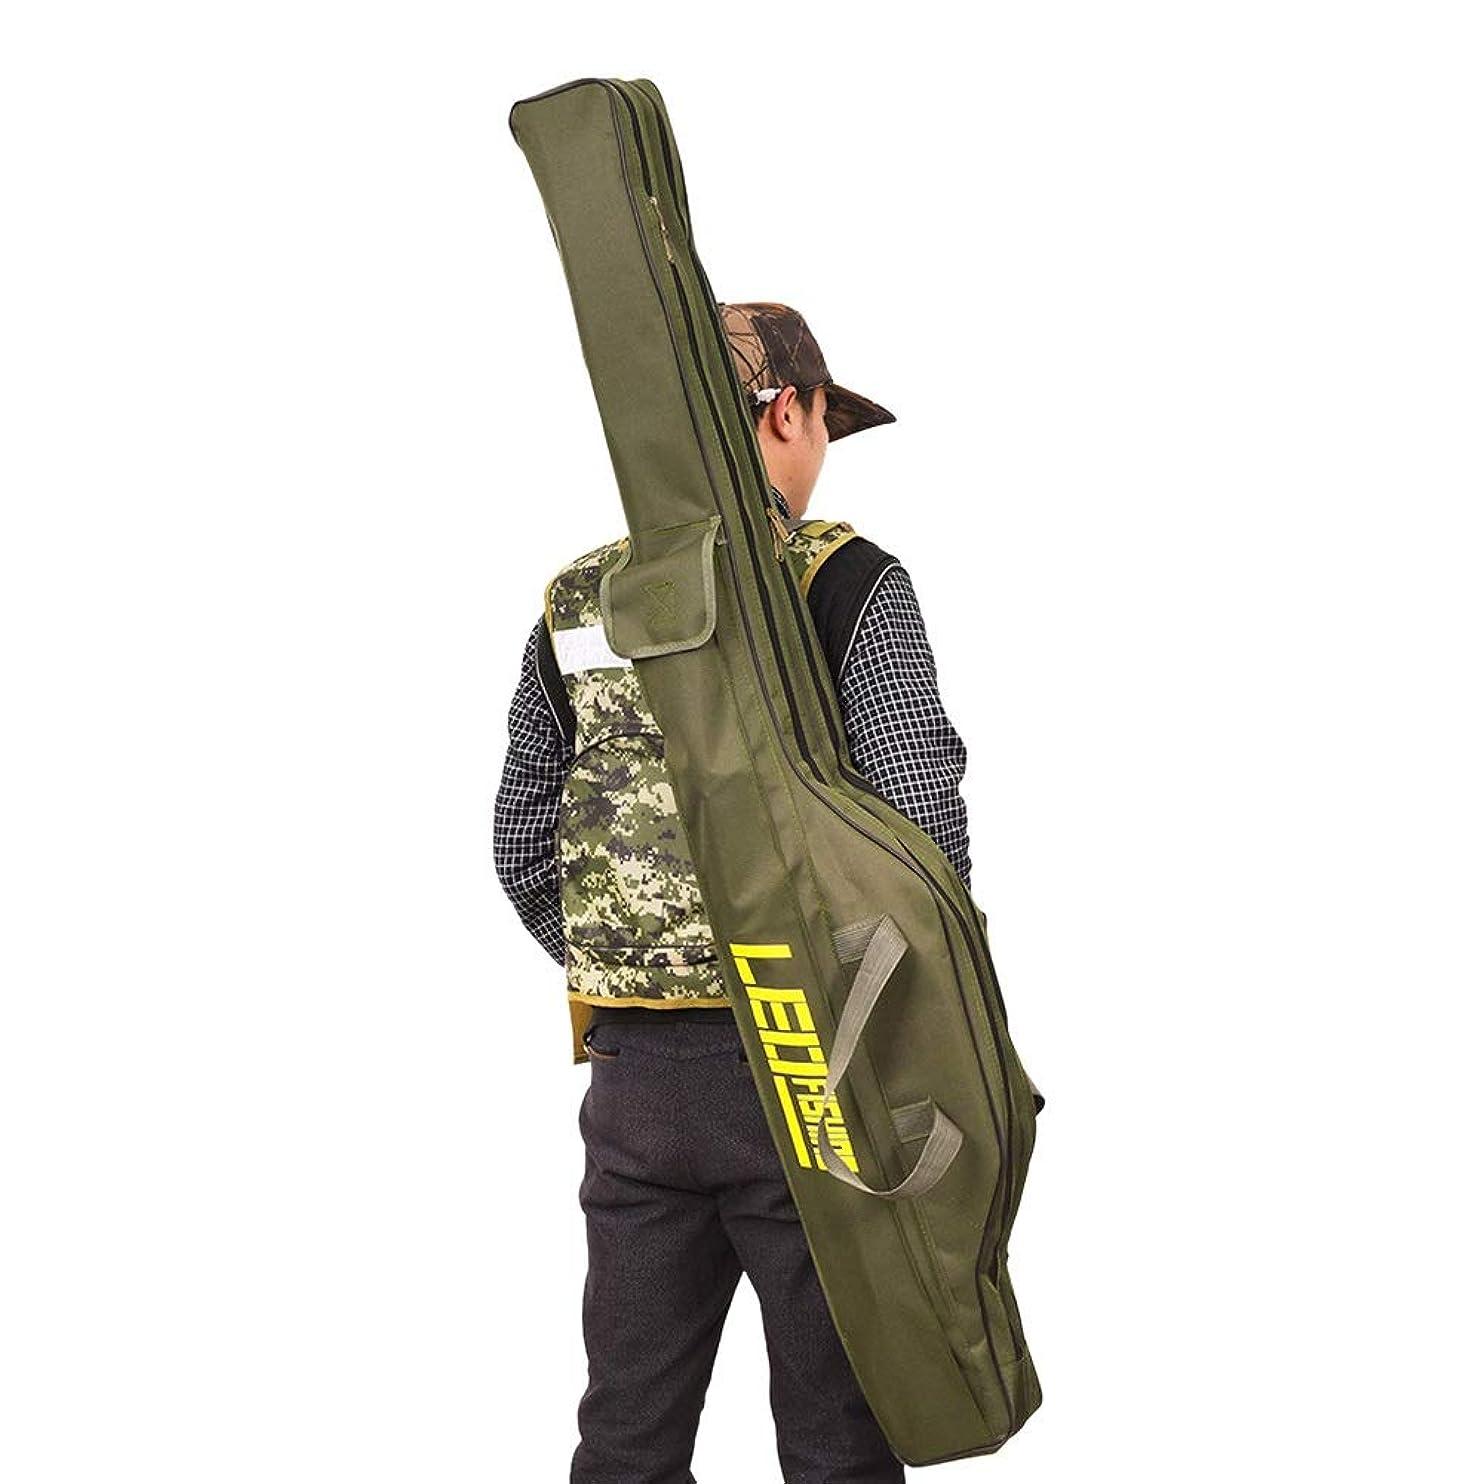 入射学校の先生ドルLacyie 釣竿ケース ロッドケース折畳 持ち運び便利 オックスフォード 釣りロッド 手提げ 肩掛け 大容量 竿袋 釣り竿入れ 収納 釣り具入れ